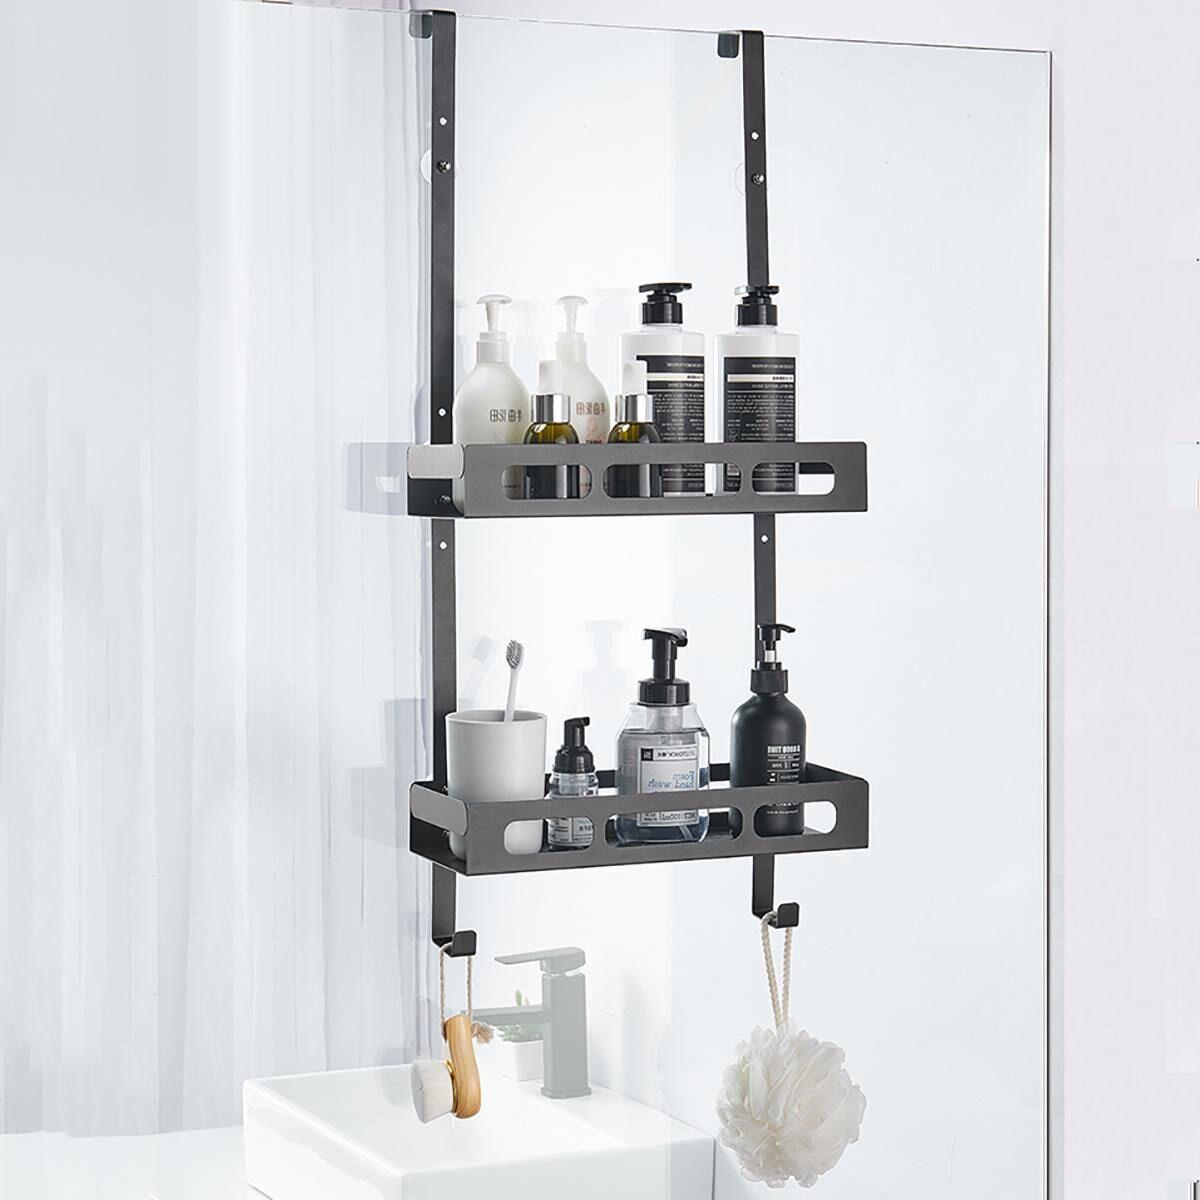 AliExpress tagère de bain suspendue noire à 2 couches, organisateur de salle de bain, porte-shampoing sans